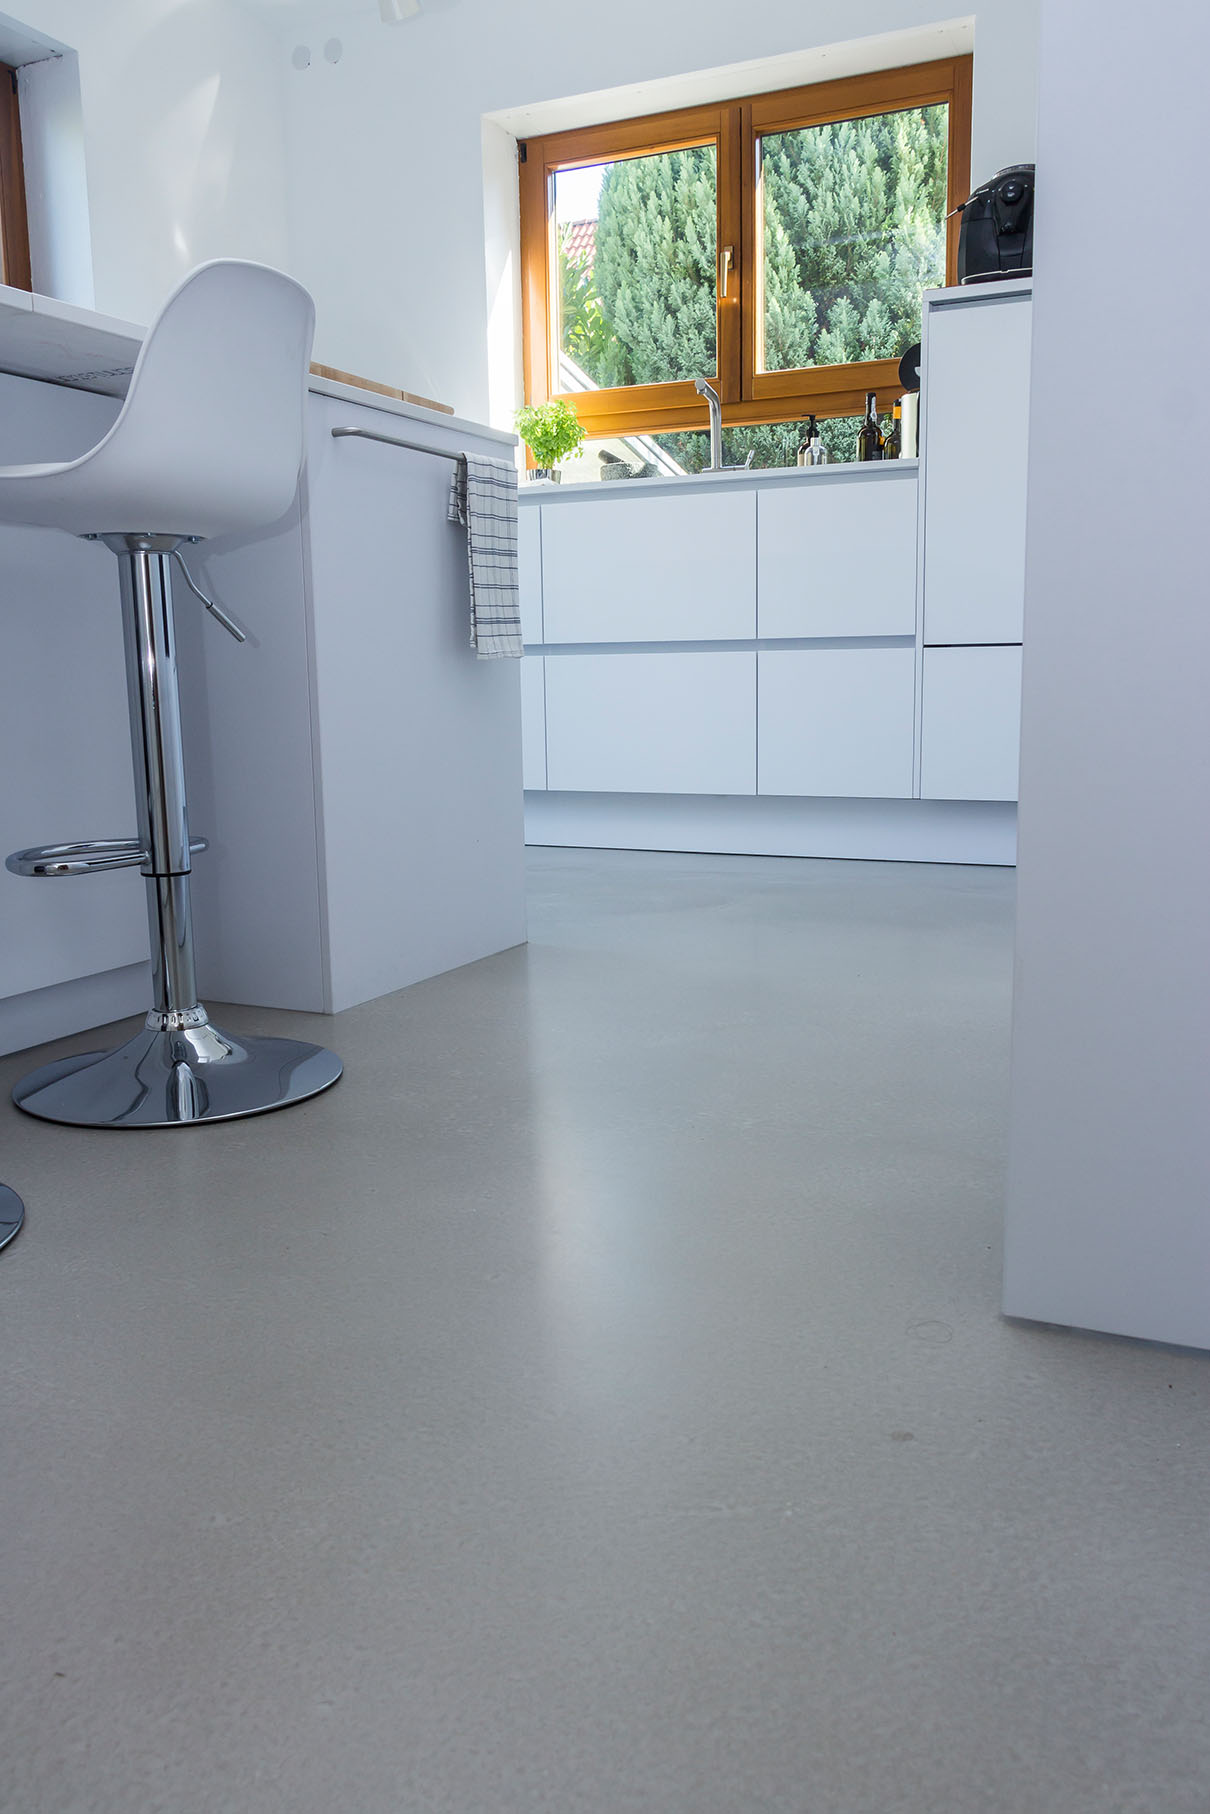 Betonboden Gussboden fugenlos Treppe grau Küche Bad Badezimmer Wohnzimmer Tisch Möbel mainTisch mainBeton mainGrill 6